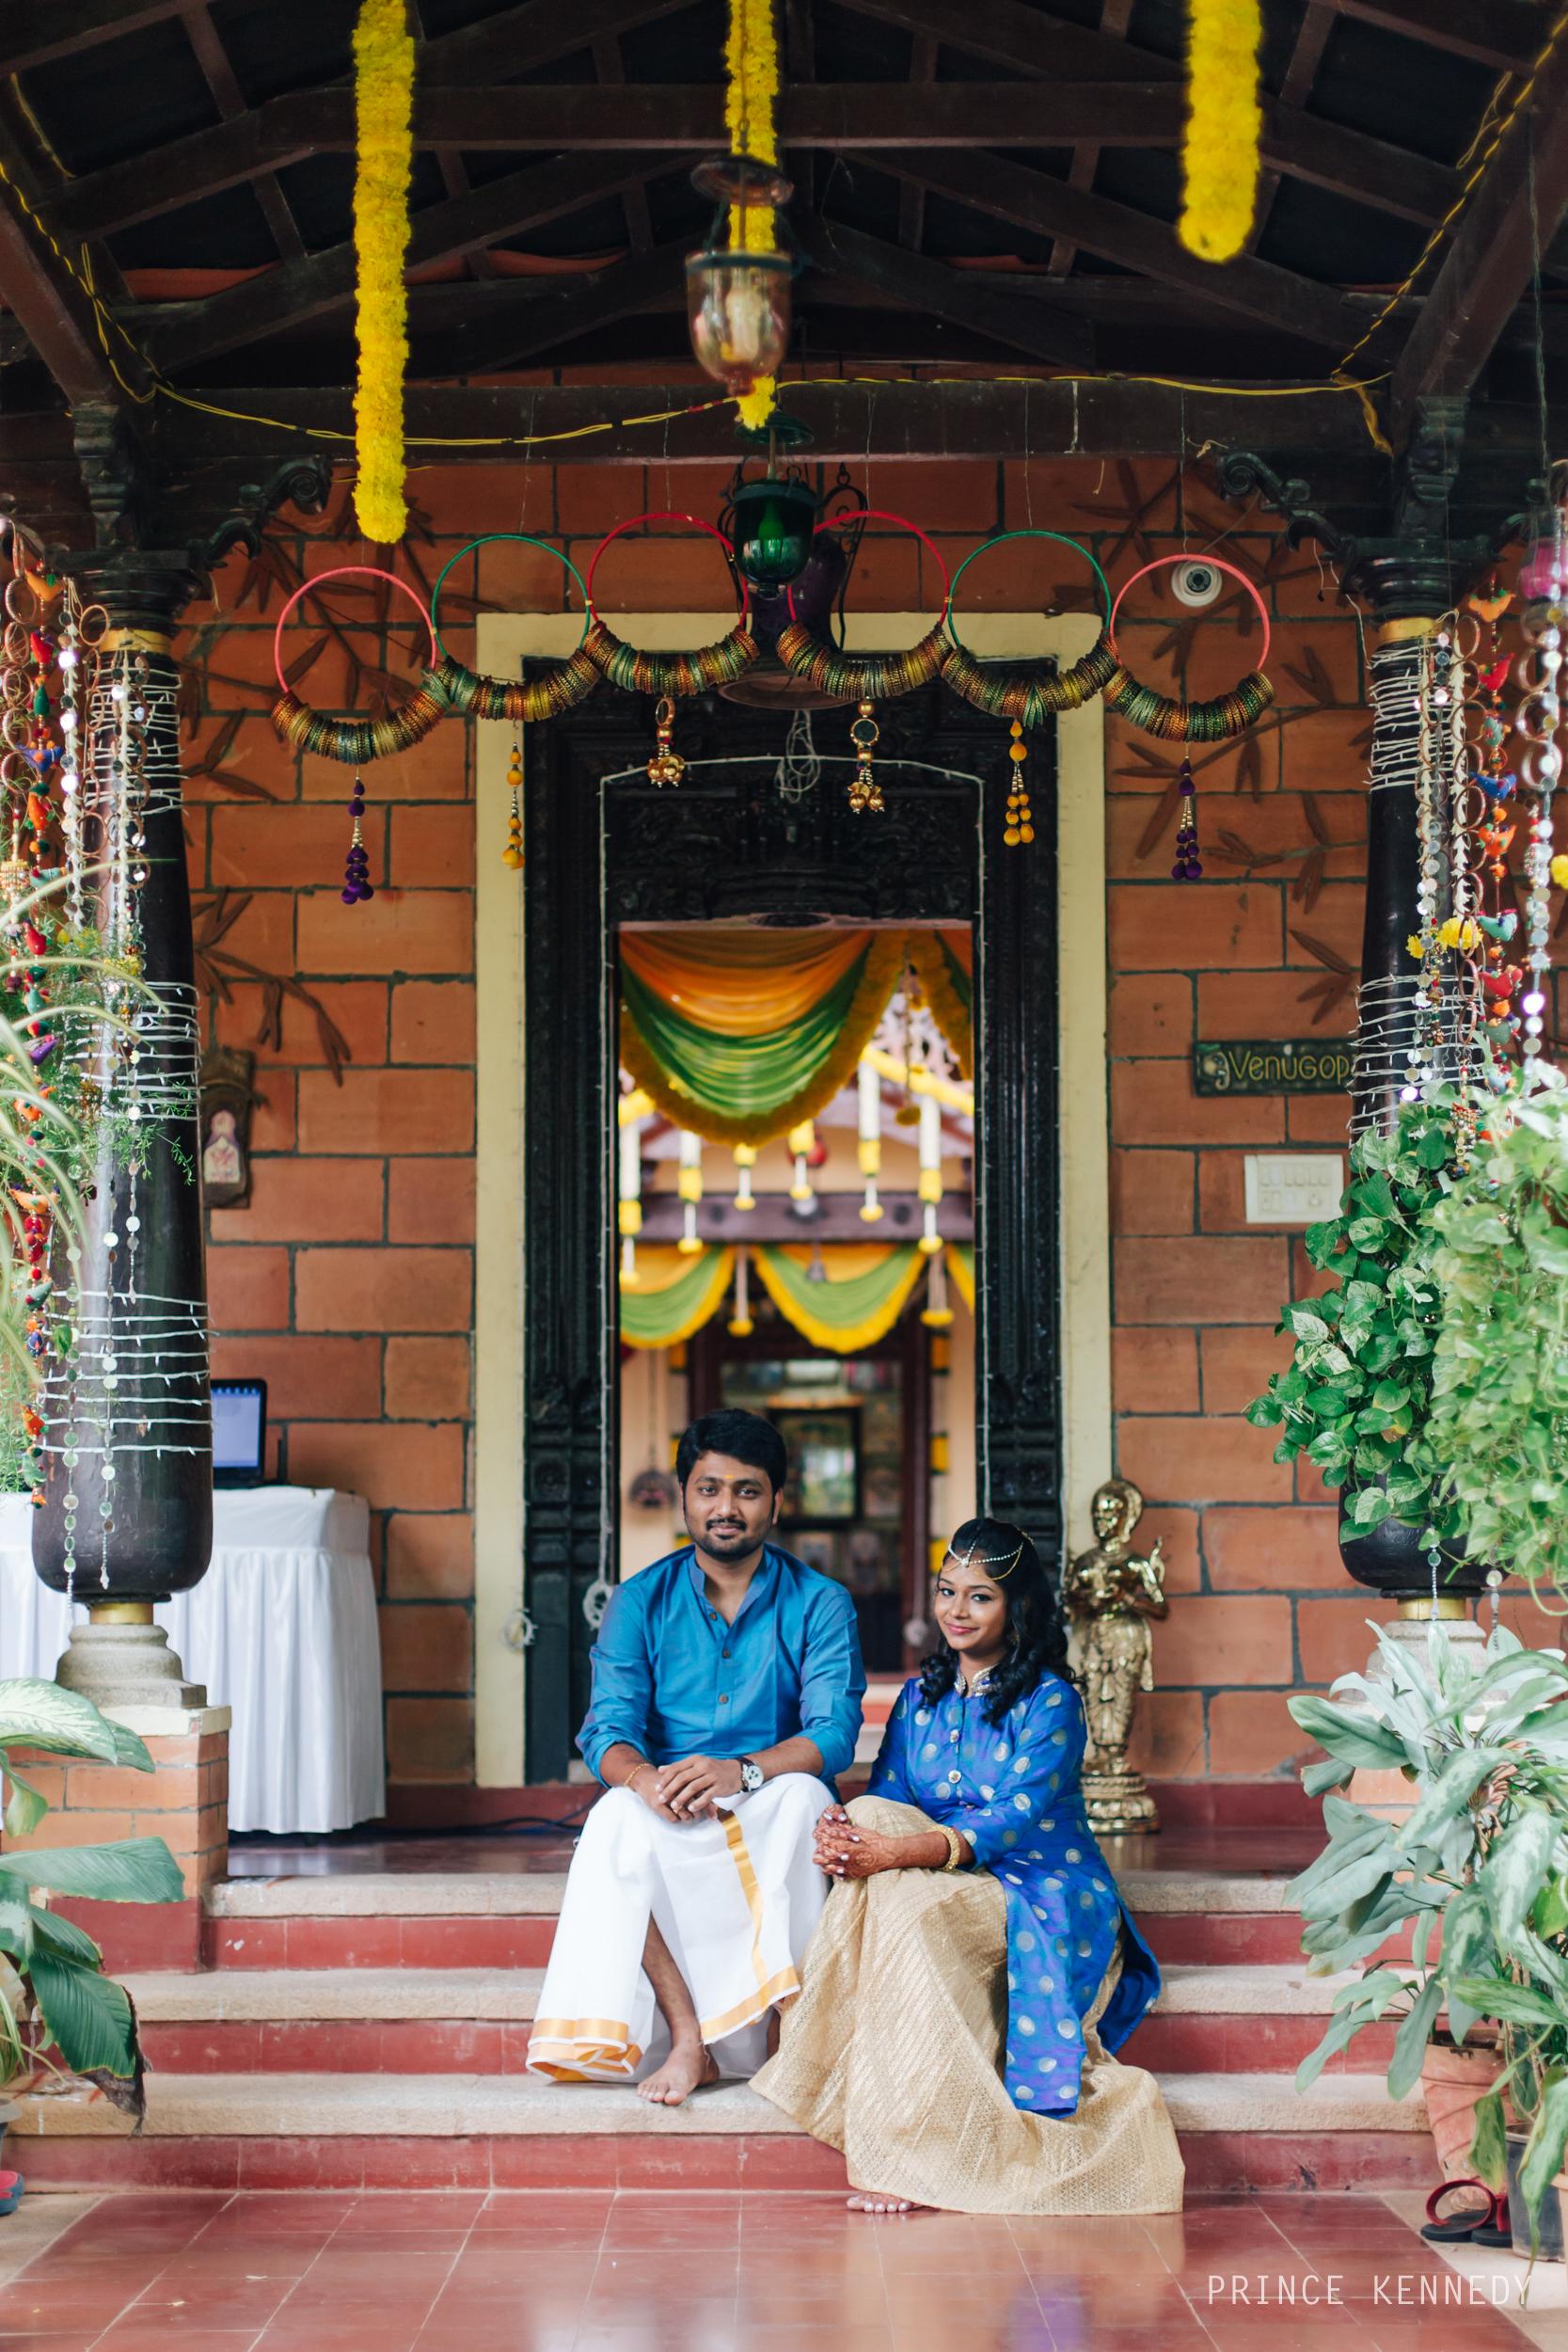 Engagement-Couple-Portrait-Portraiture-Wedding-Couple-Portrait-Chennai-Photographer-Candid-Photography-Destination-Best-Prince-Kennedy-Photography-65.jpg